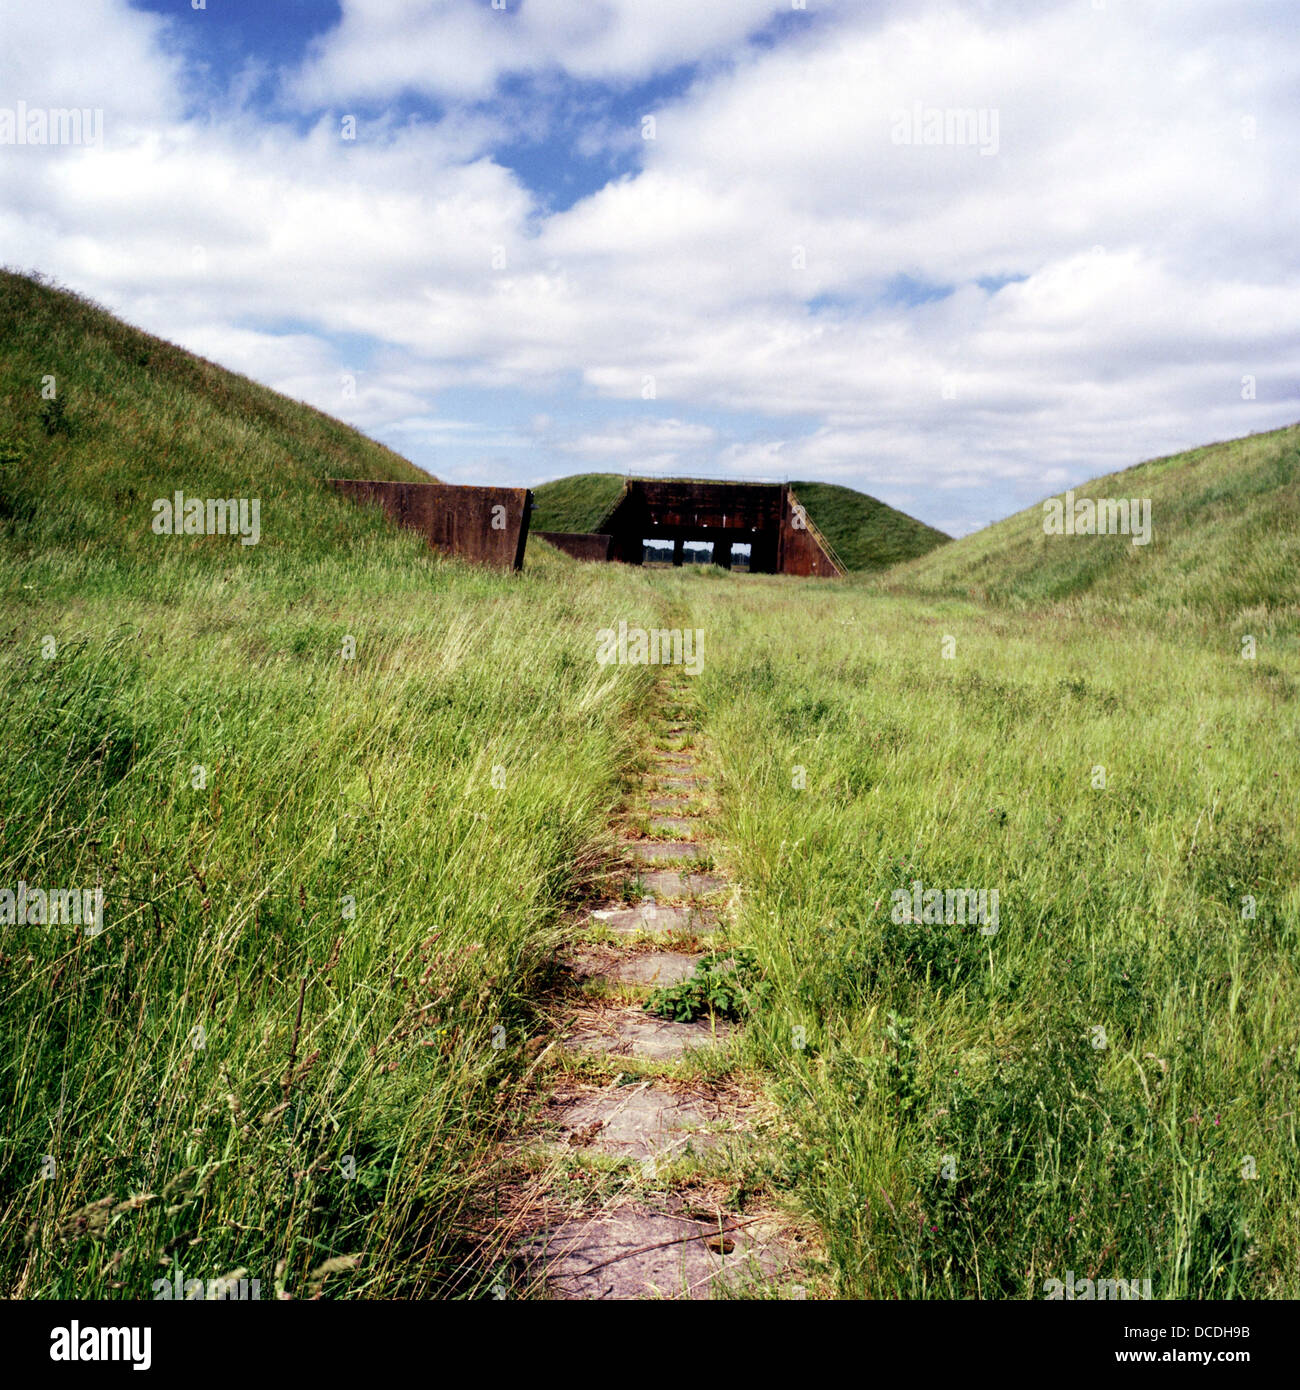 Paisaje Natural de cubiertas de pastos y silos de misiles en el antiguo aeródromo de armas nucleares era ocupada Imagen De Stock